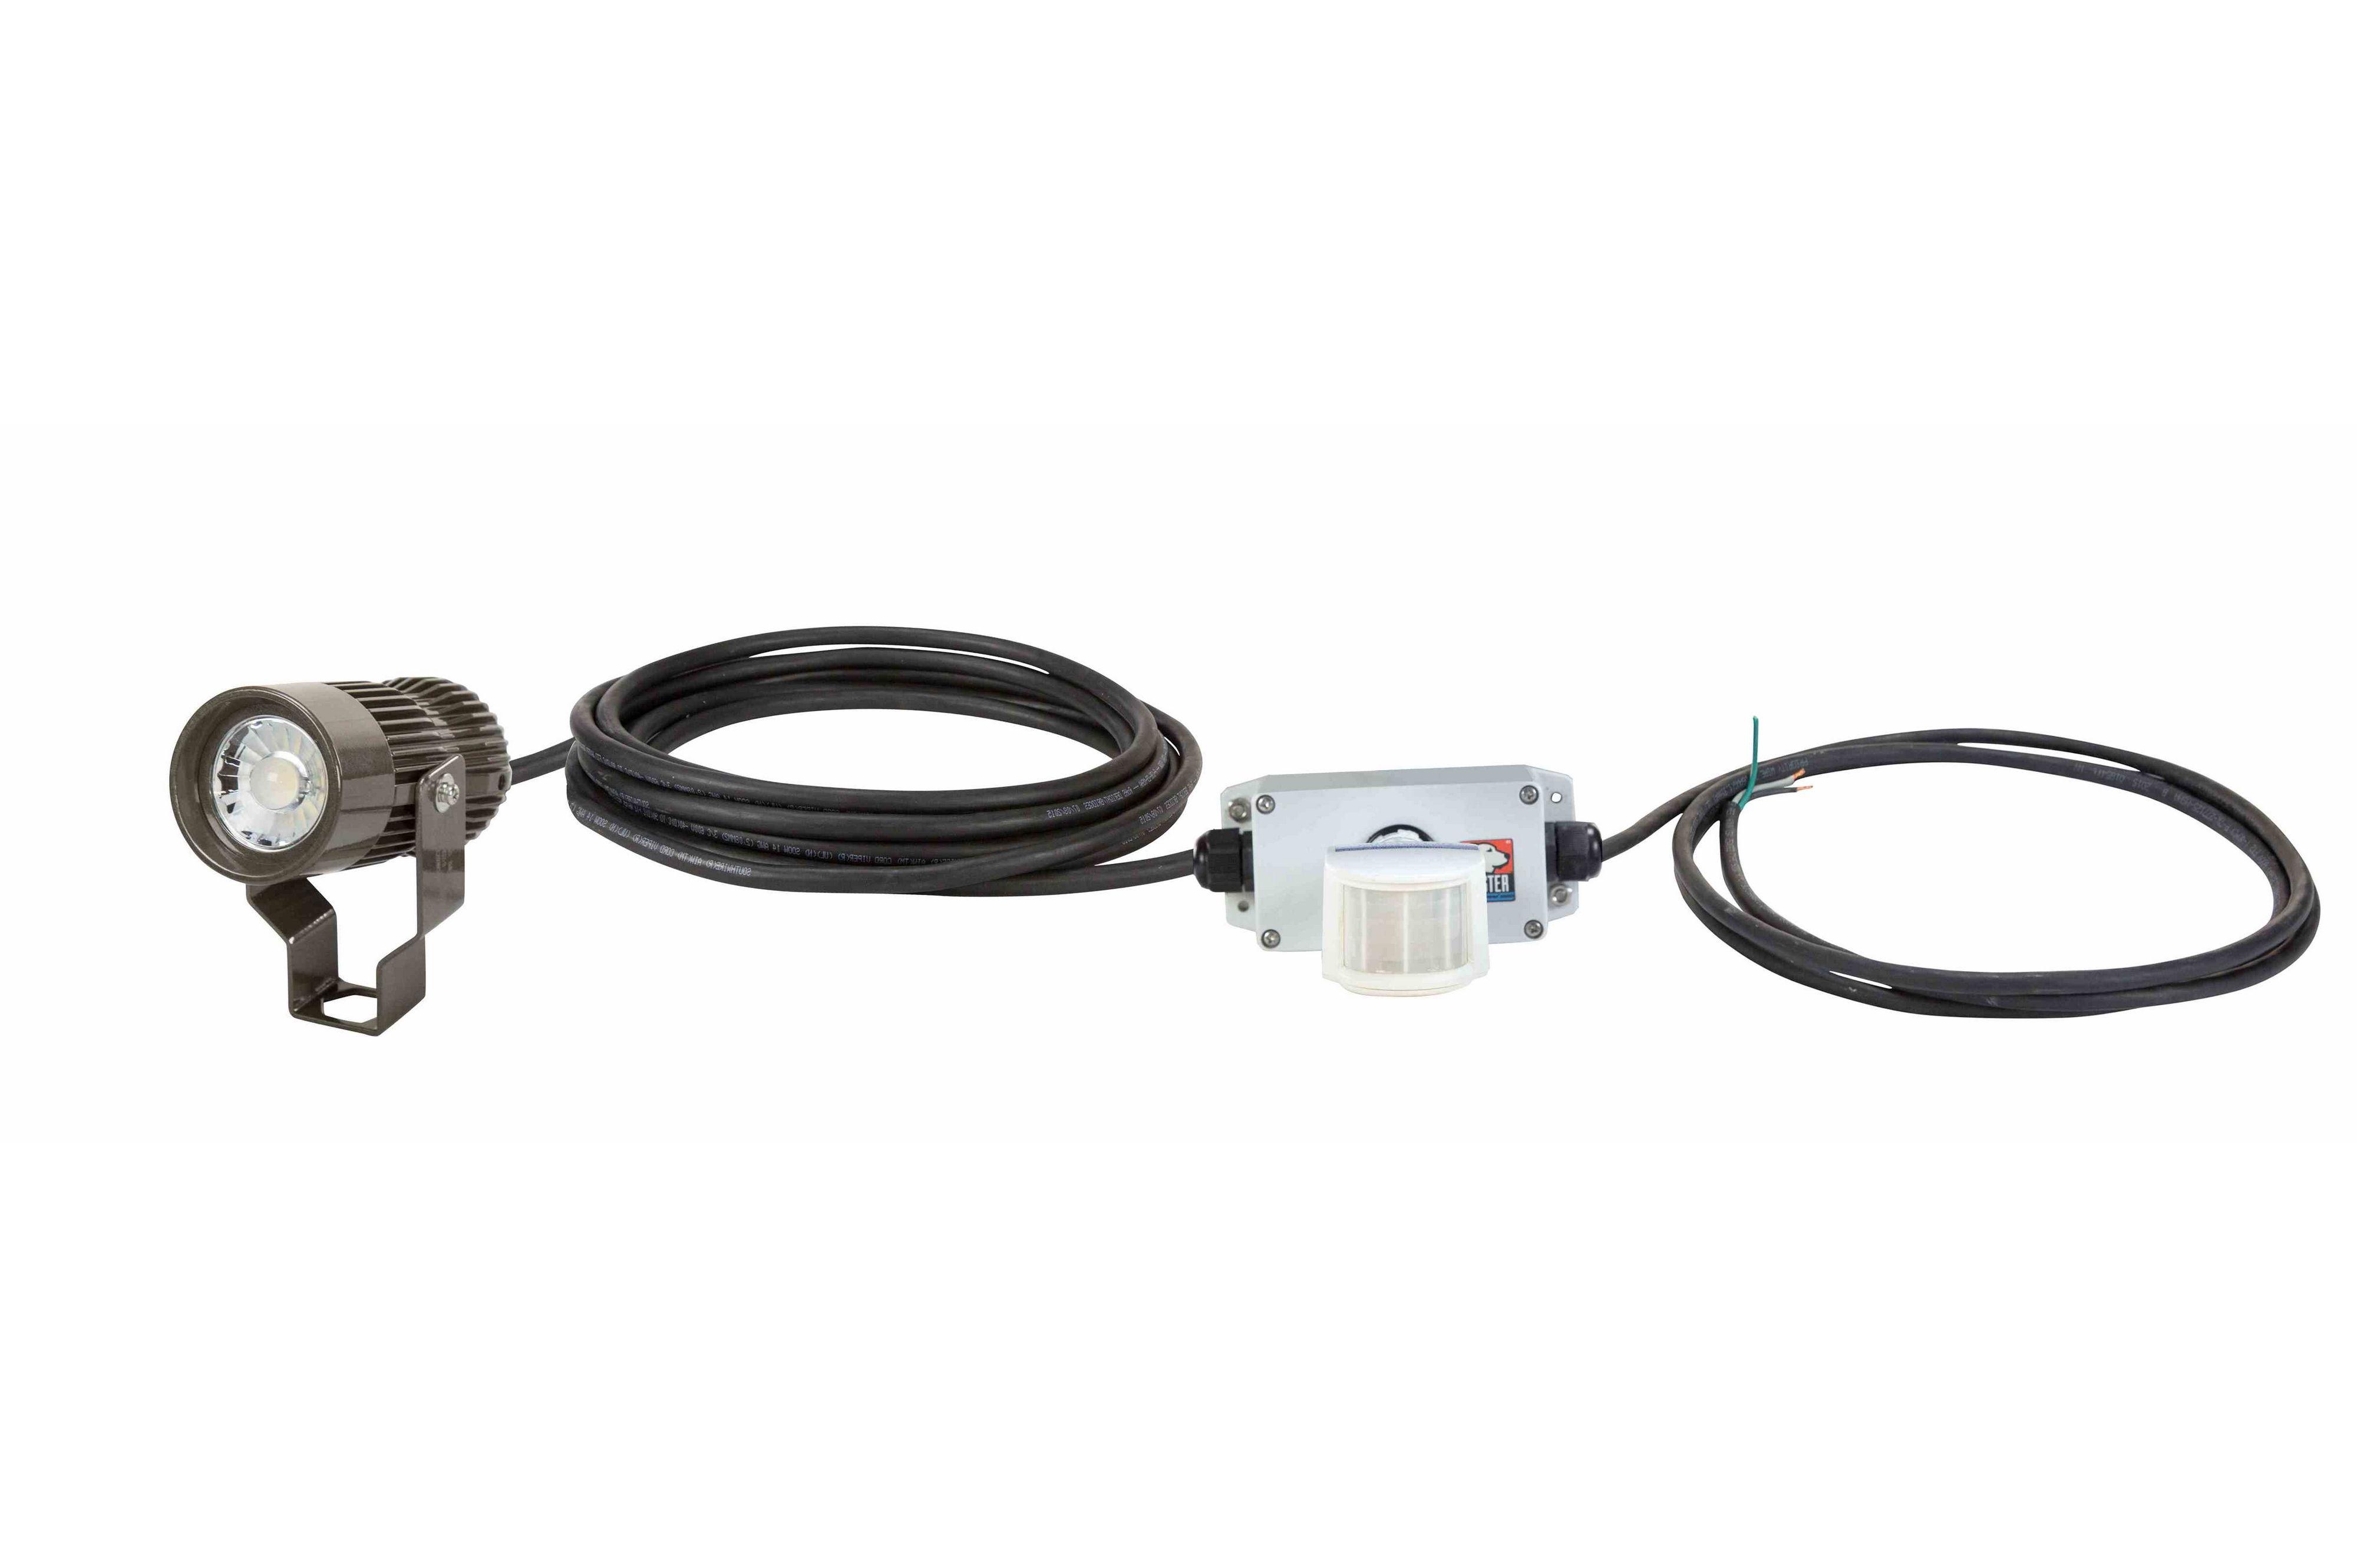 18 Watt Led Industrial Light Fixture